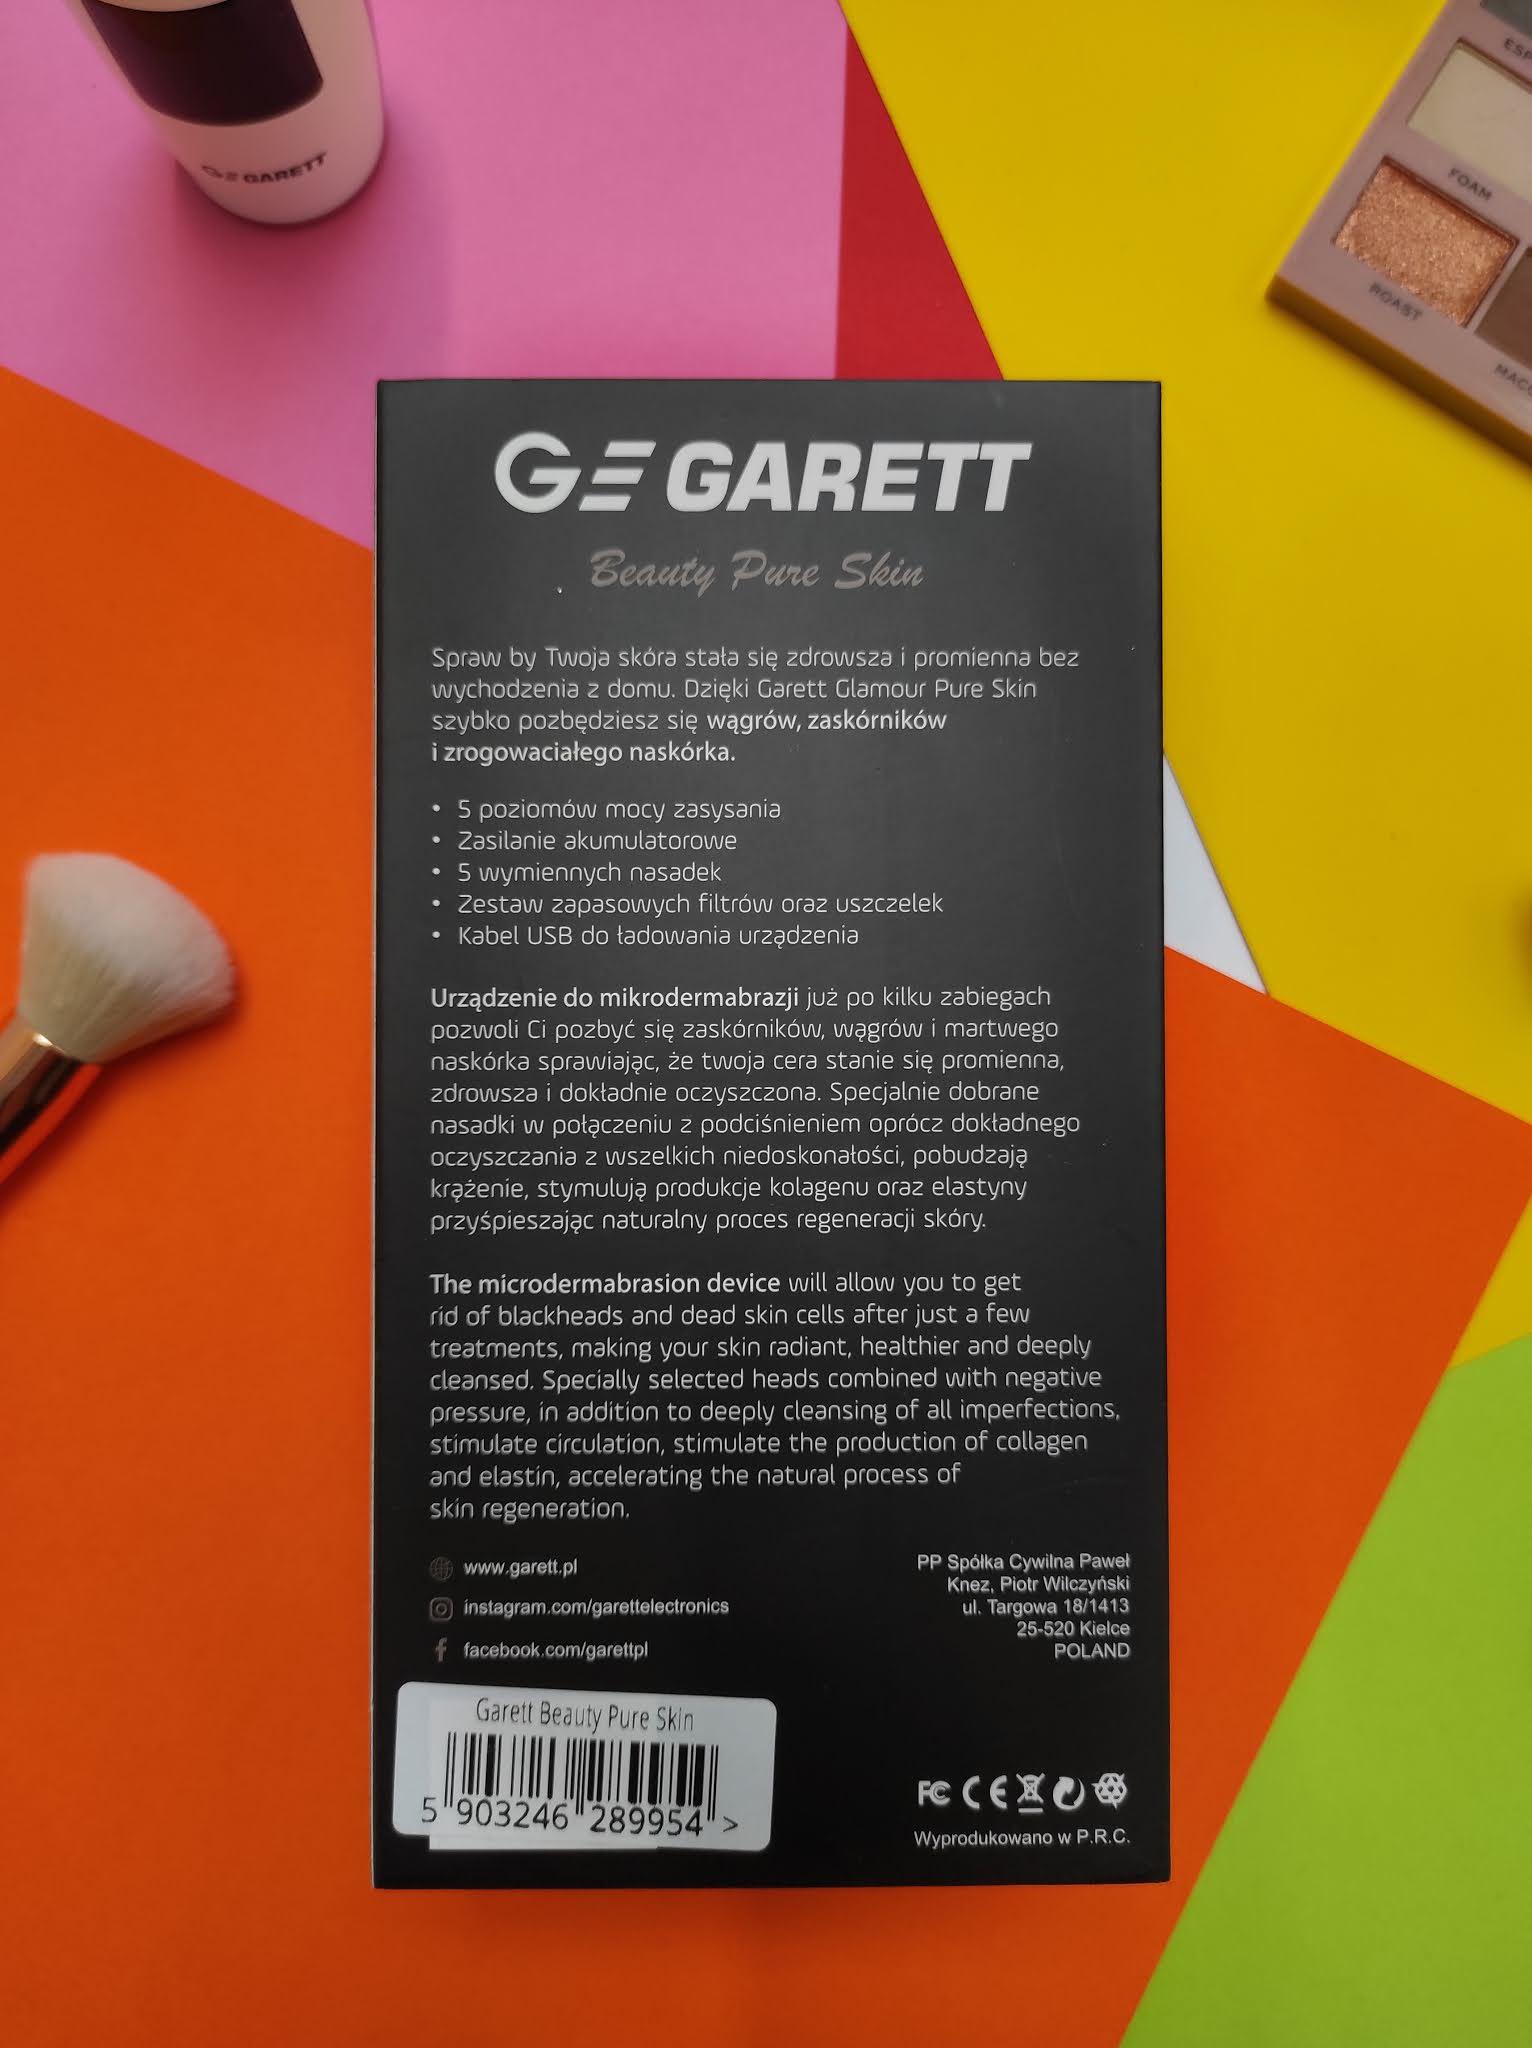 Urządzenie do mikrodermabrazji Beauty Pure Skin Garett